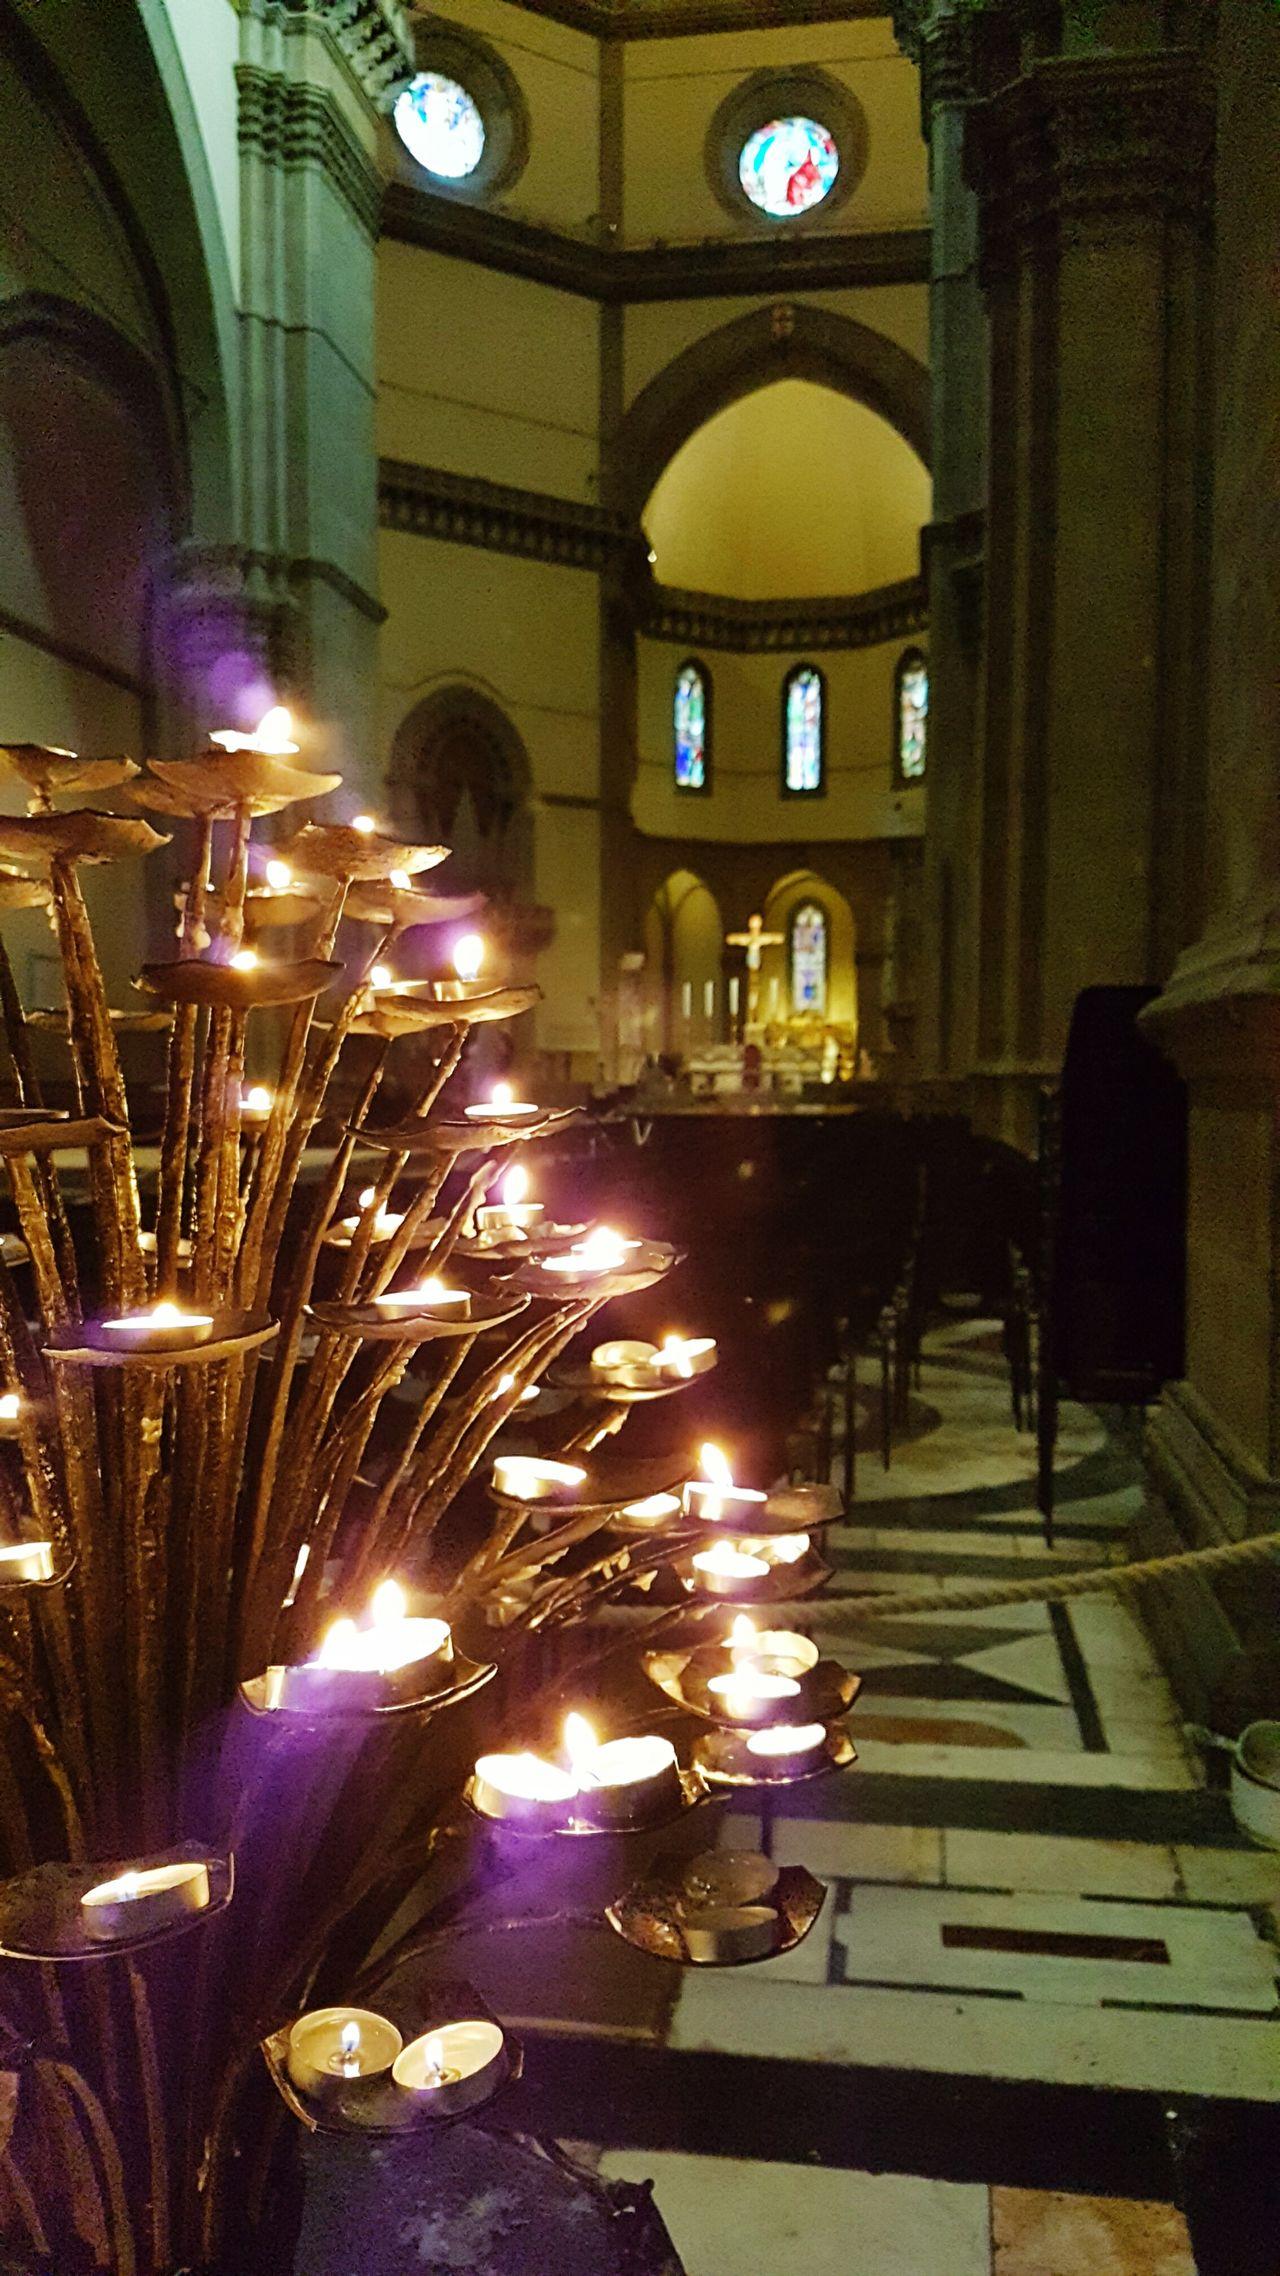 Candles burning. Religion Spirituality Place Of Worship Indoors  Illuminated No People Italy🇮🇹